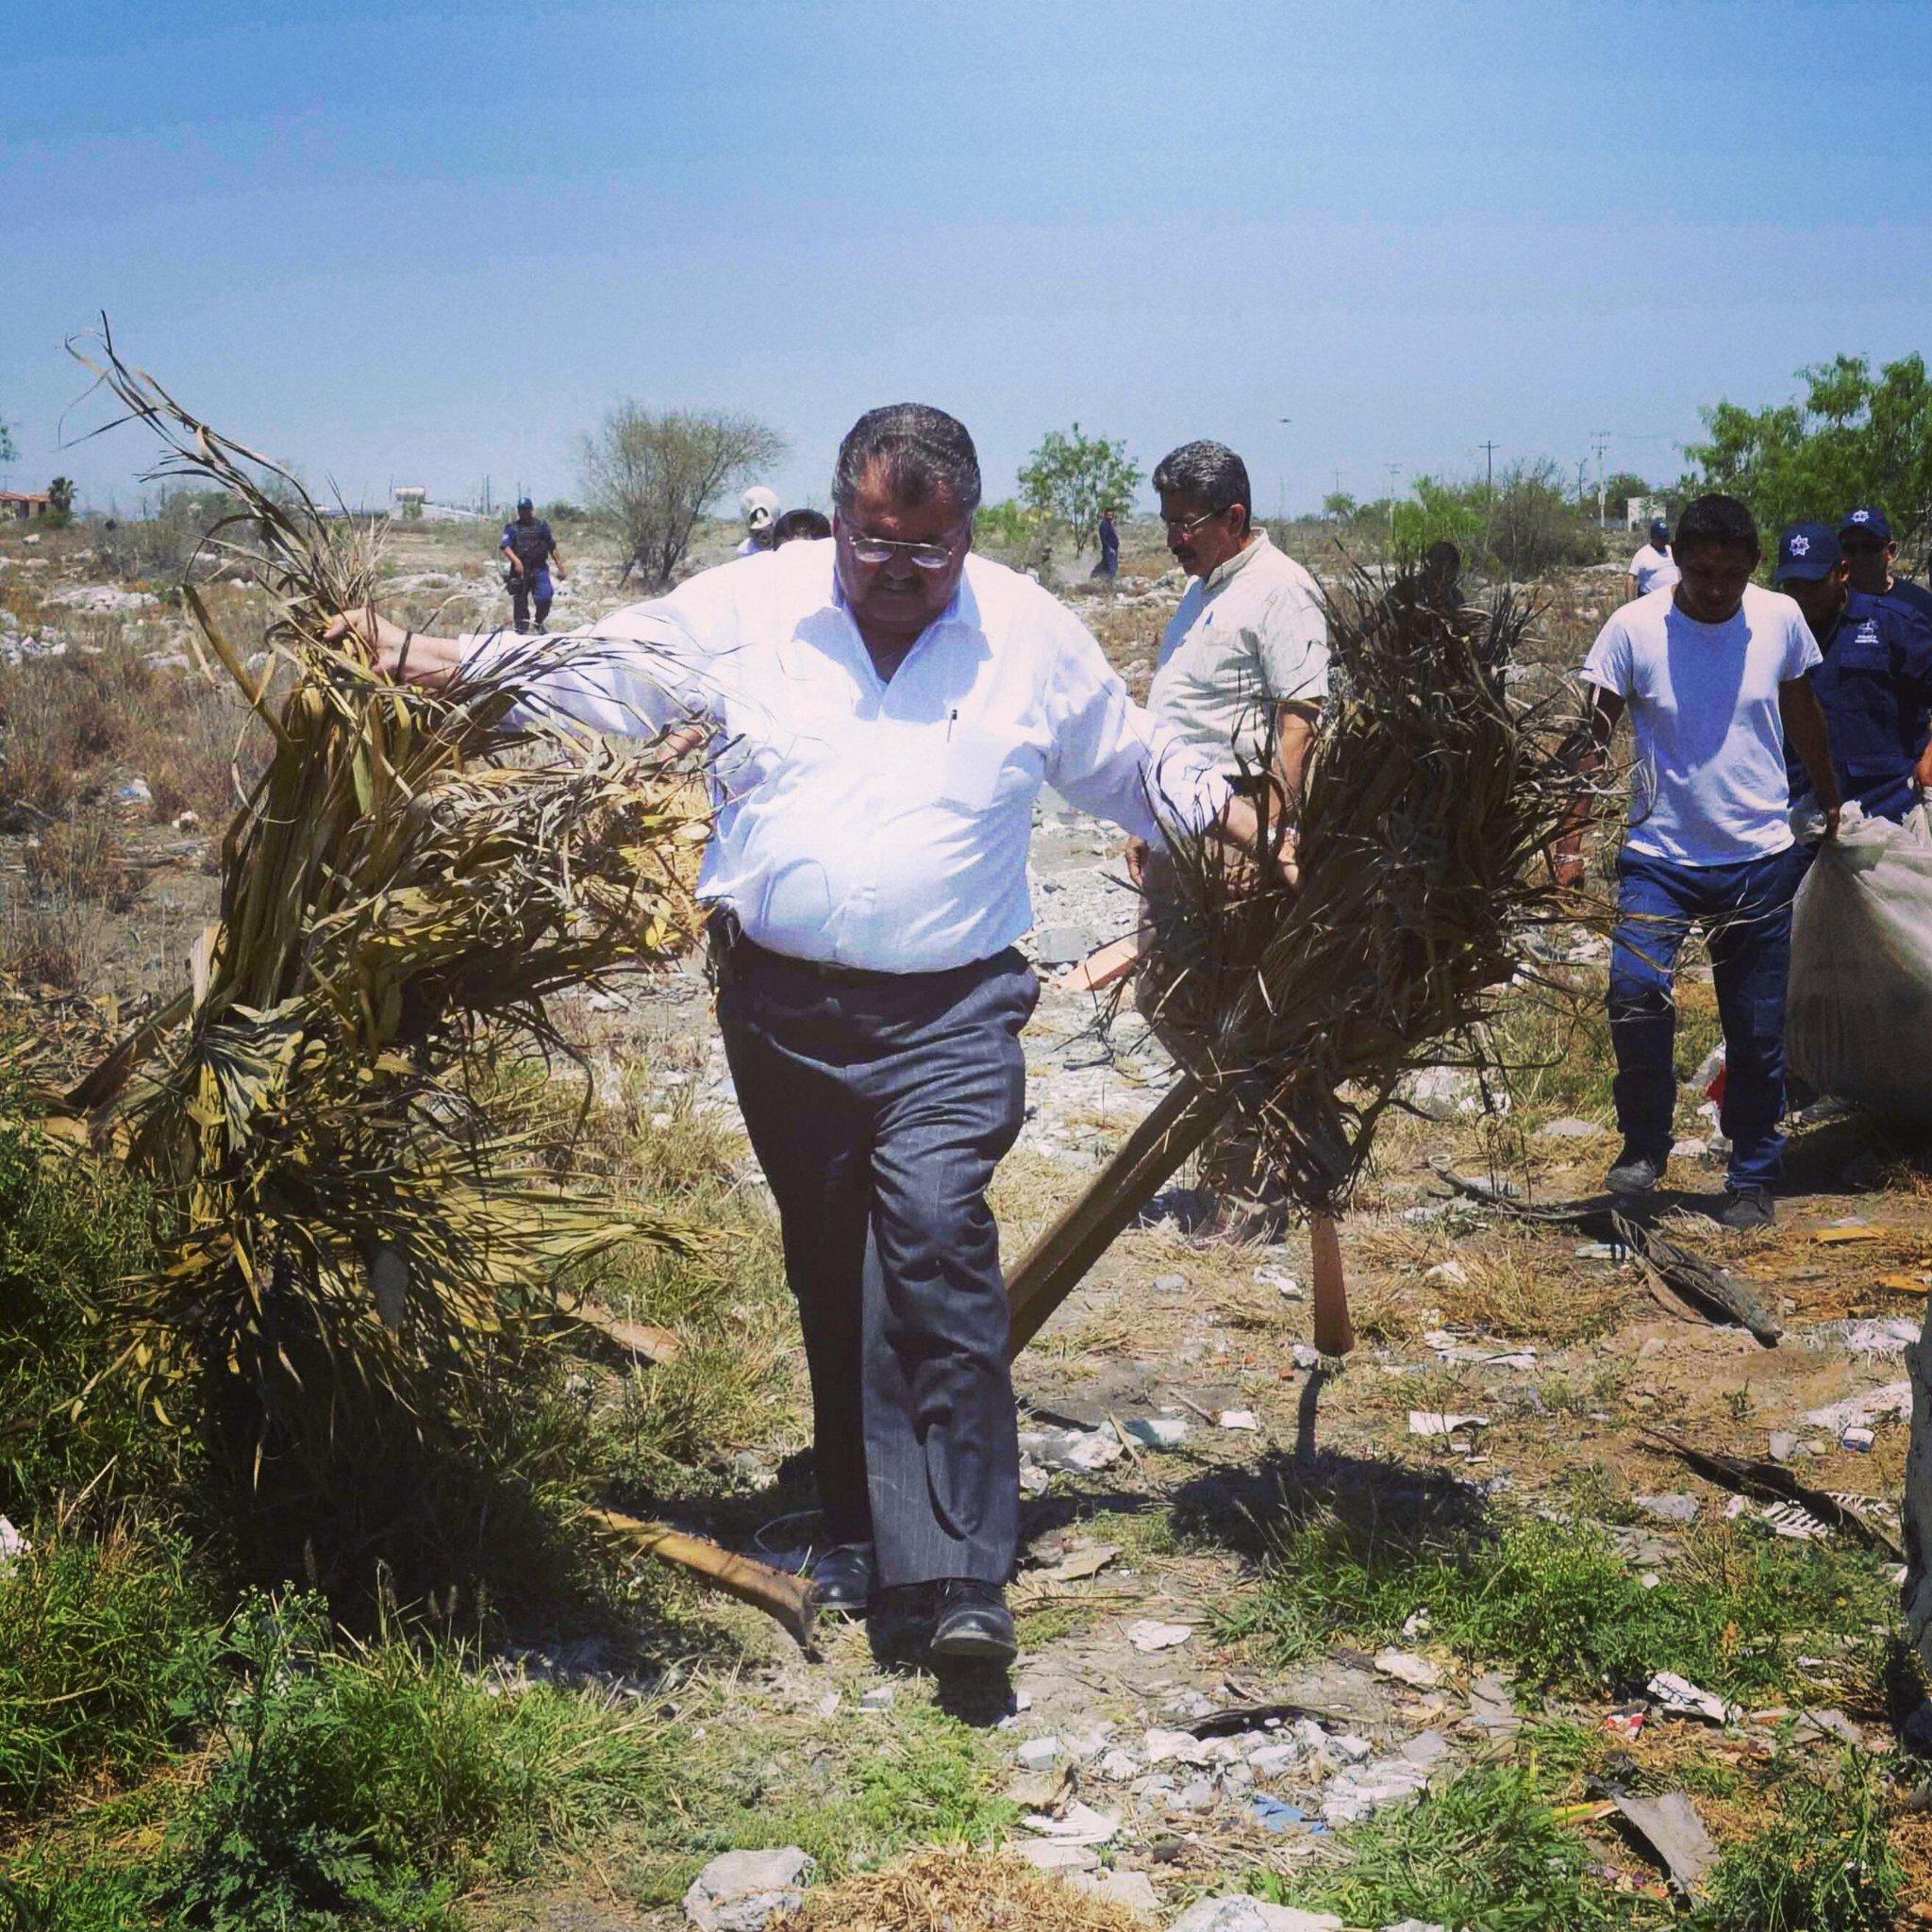 Iniciamos el operativo permanente de limpieza en terrenos baldíos, se sancionará a aquellos que tiren basura http://t.co/FNU2Sp182m